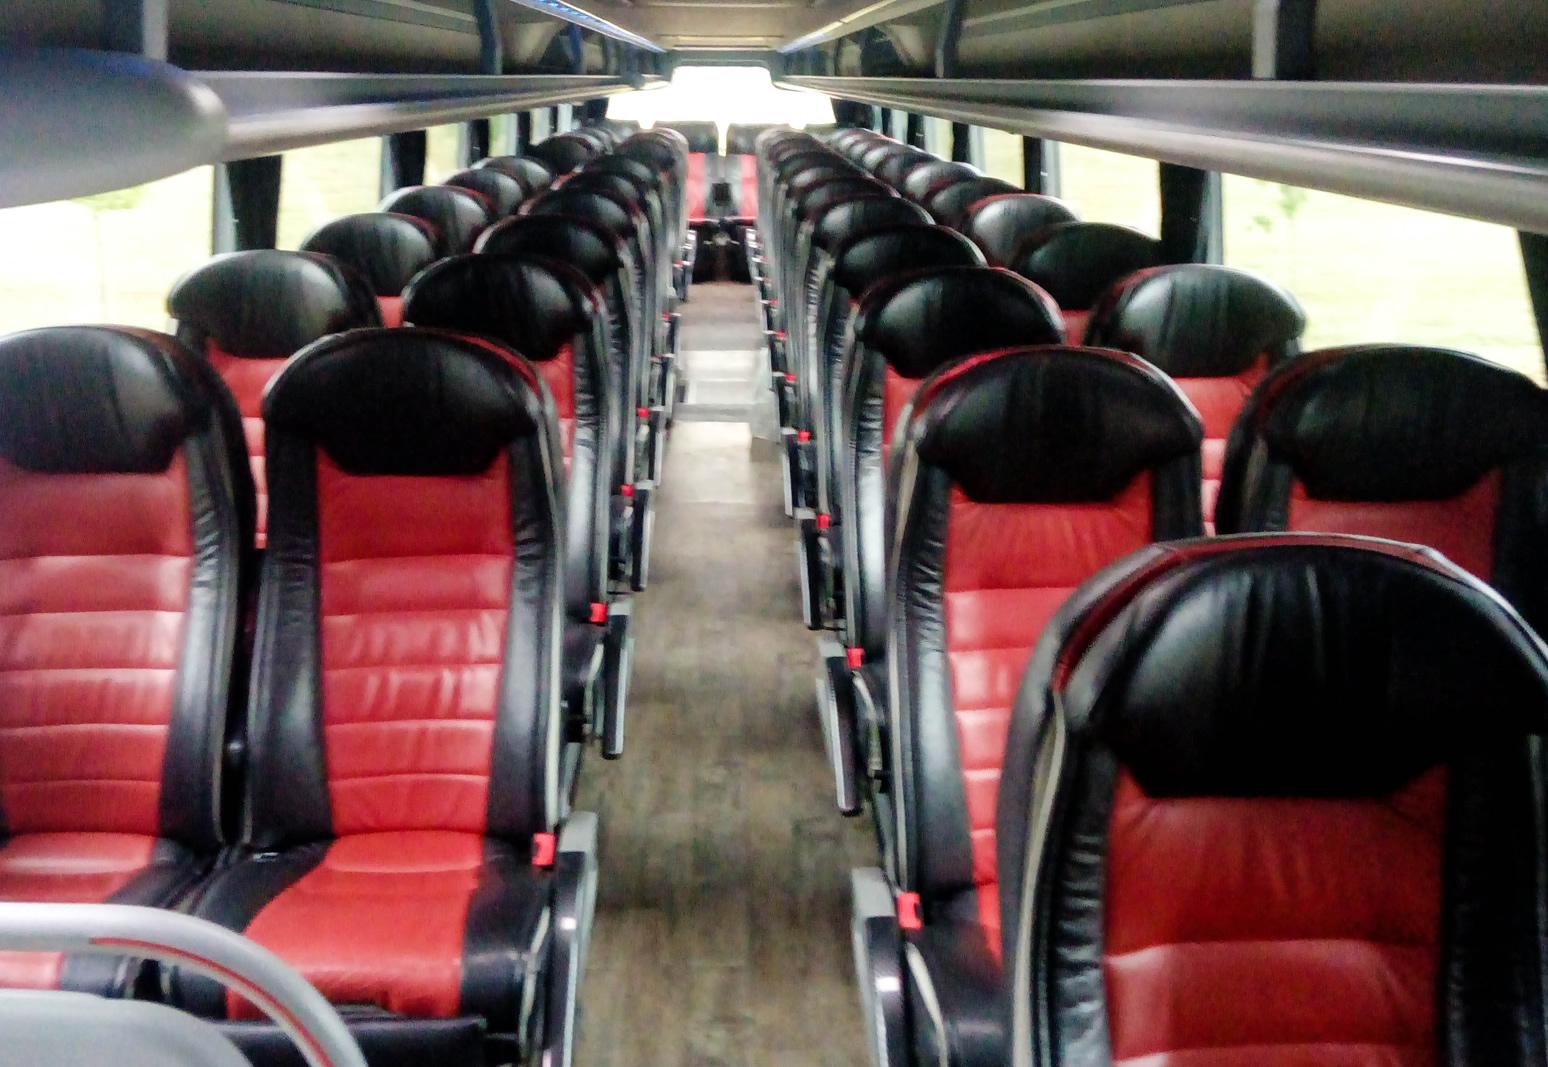 Gunetto Autolinee s.r.l. - Noleggio Autobus - Vanhool ...